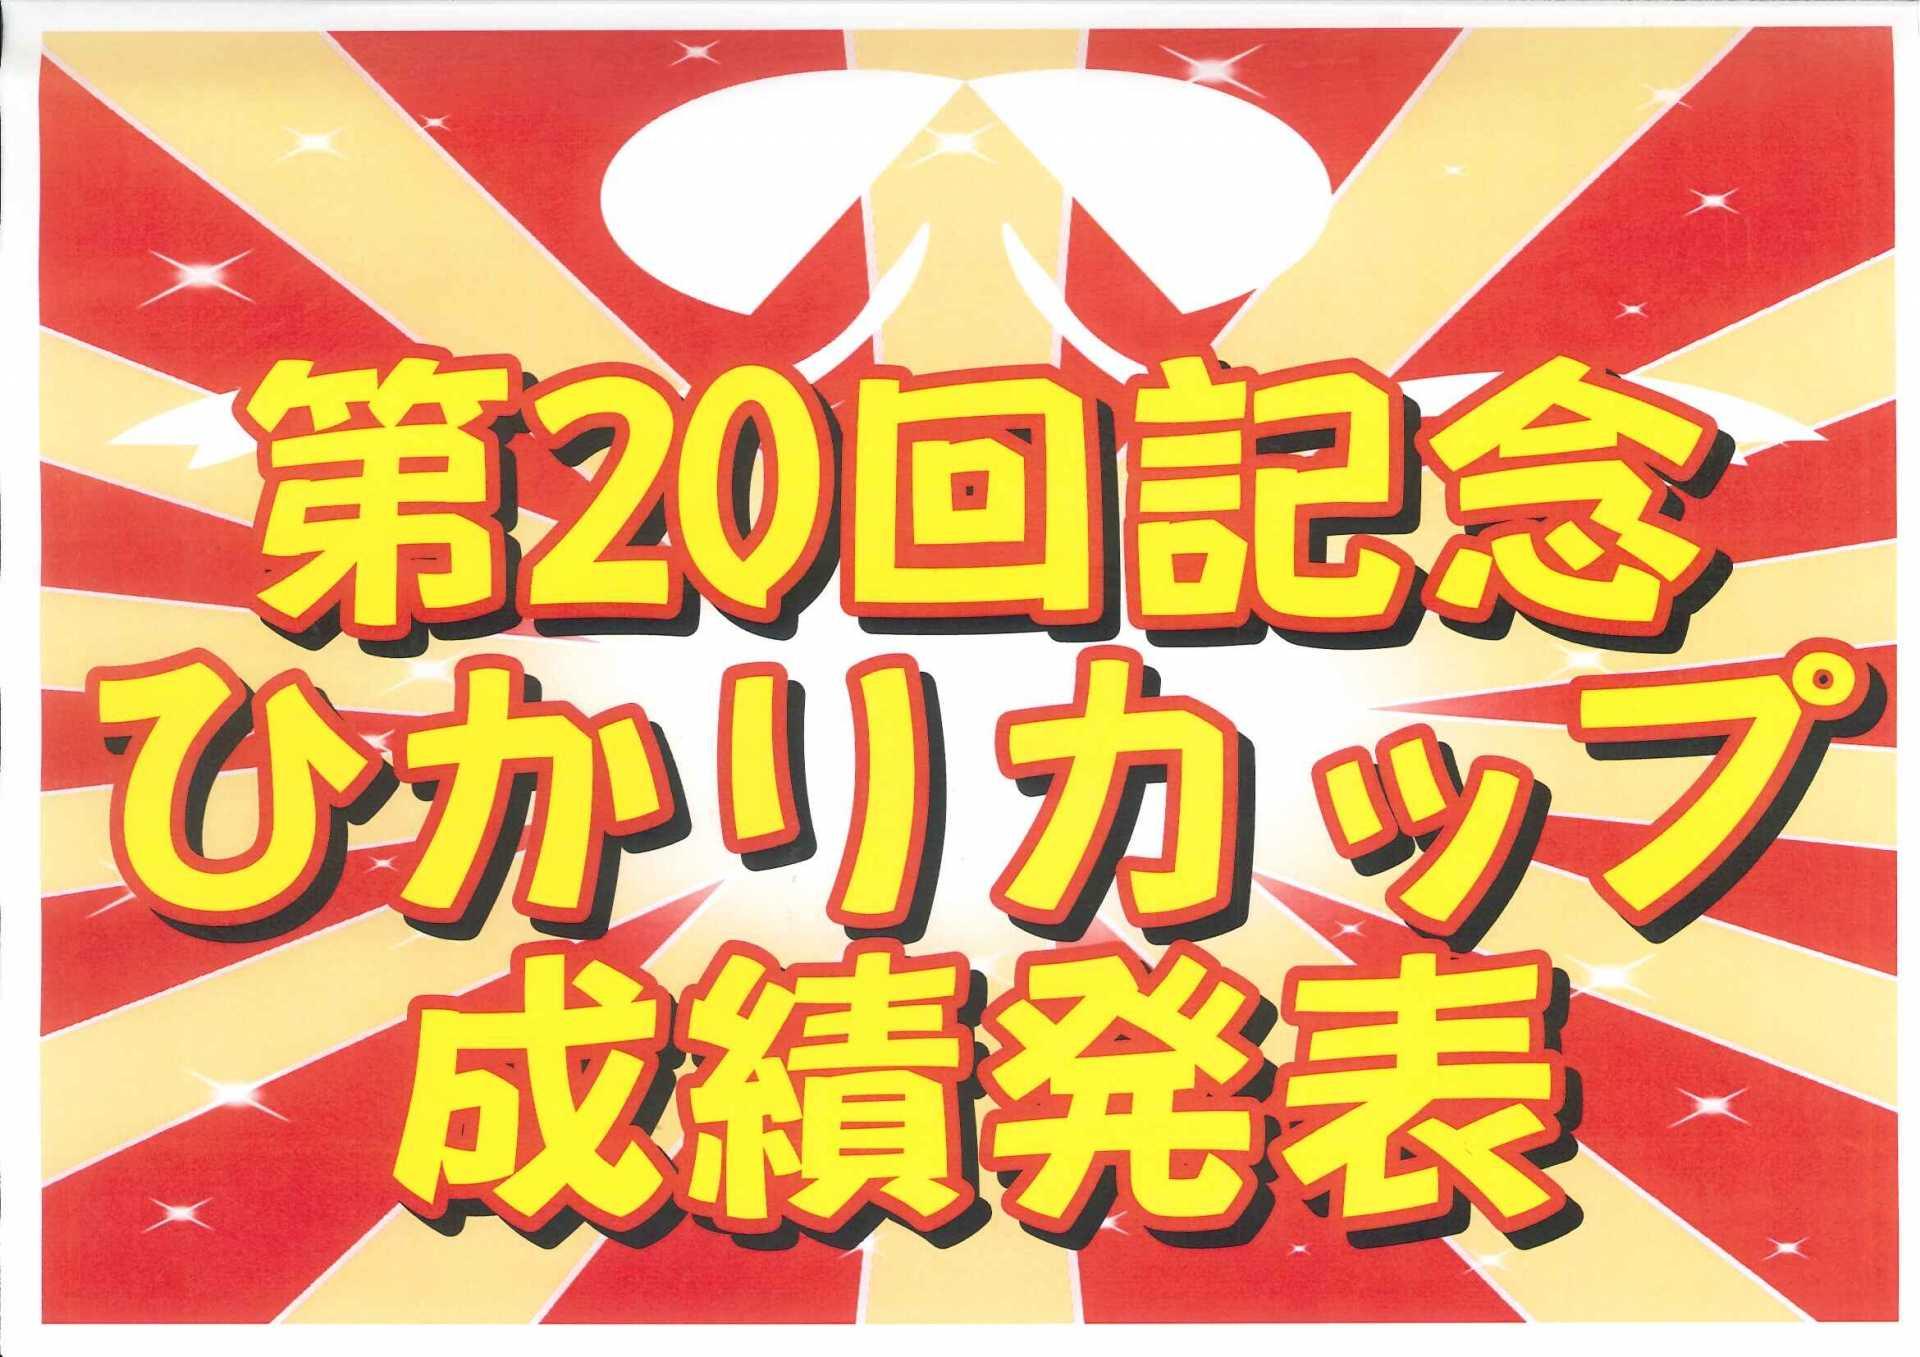 第20回記念ひかりカップ成績